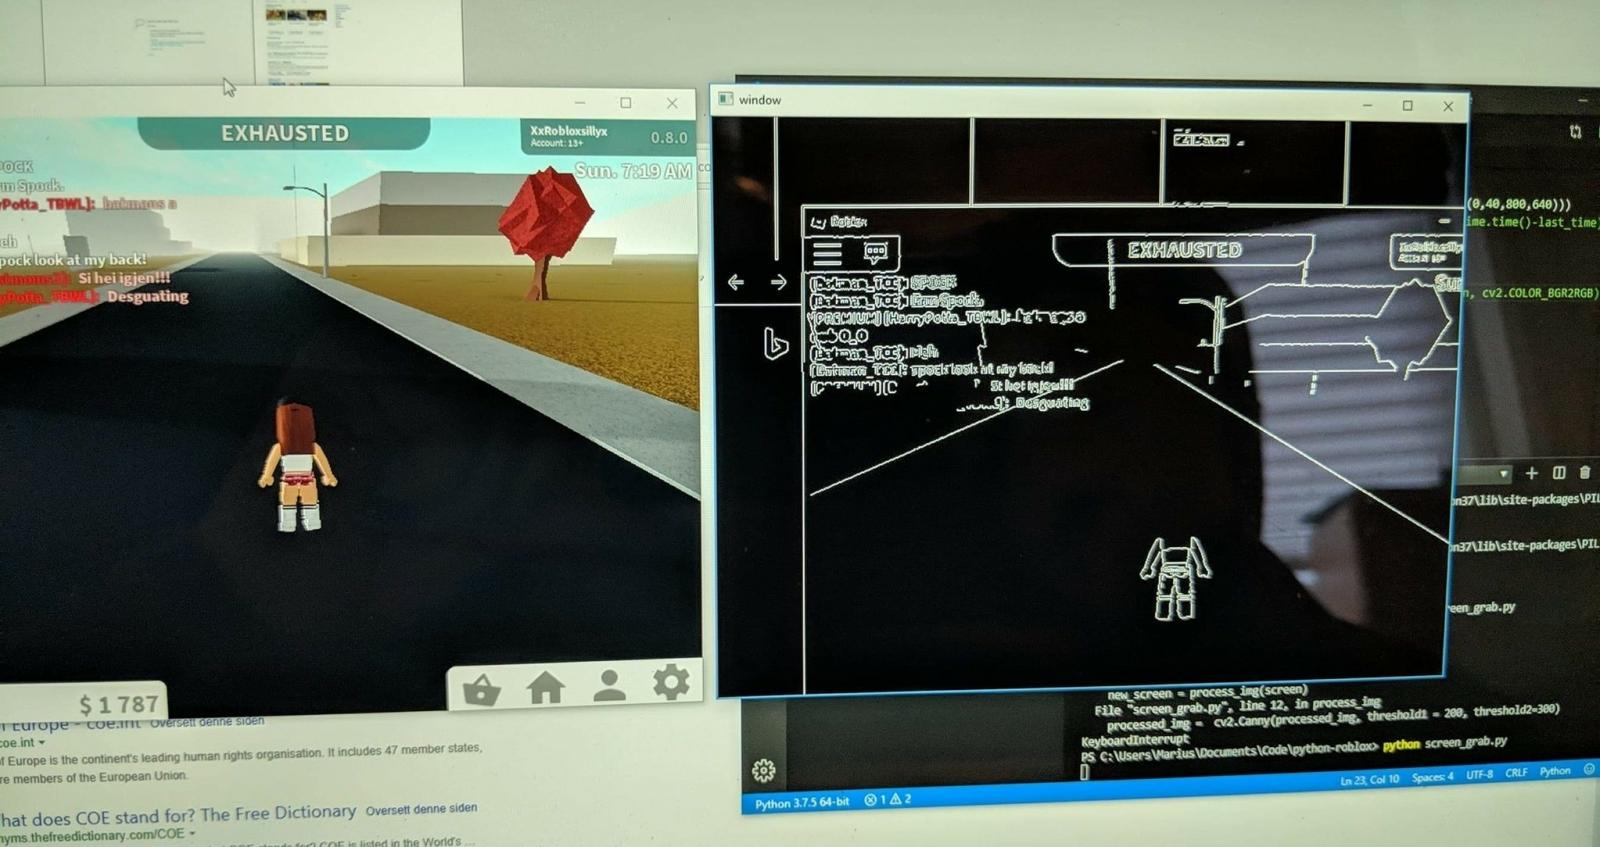 Slik ser det ut når AI-spilleren til Marius prøver å traversere Roblox. 📸: Privat